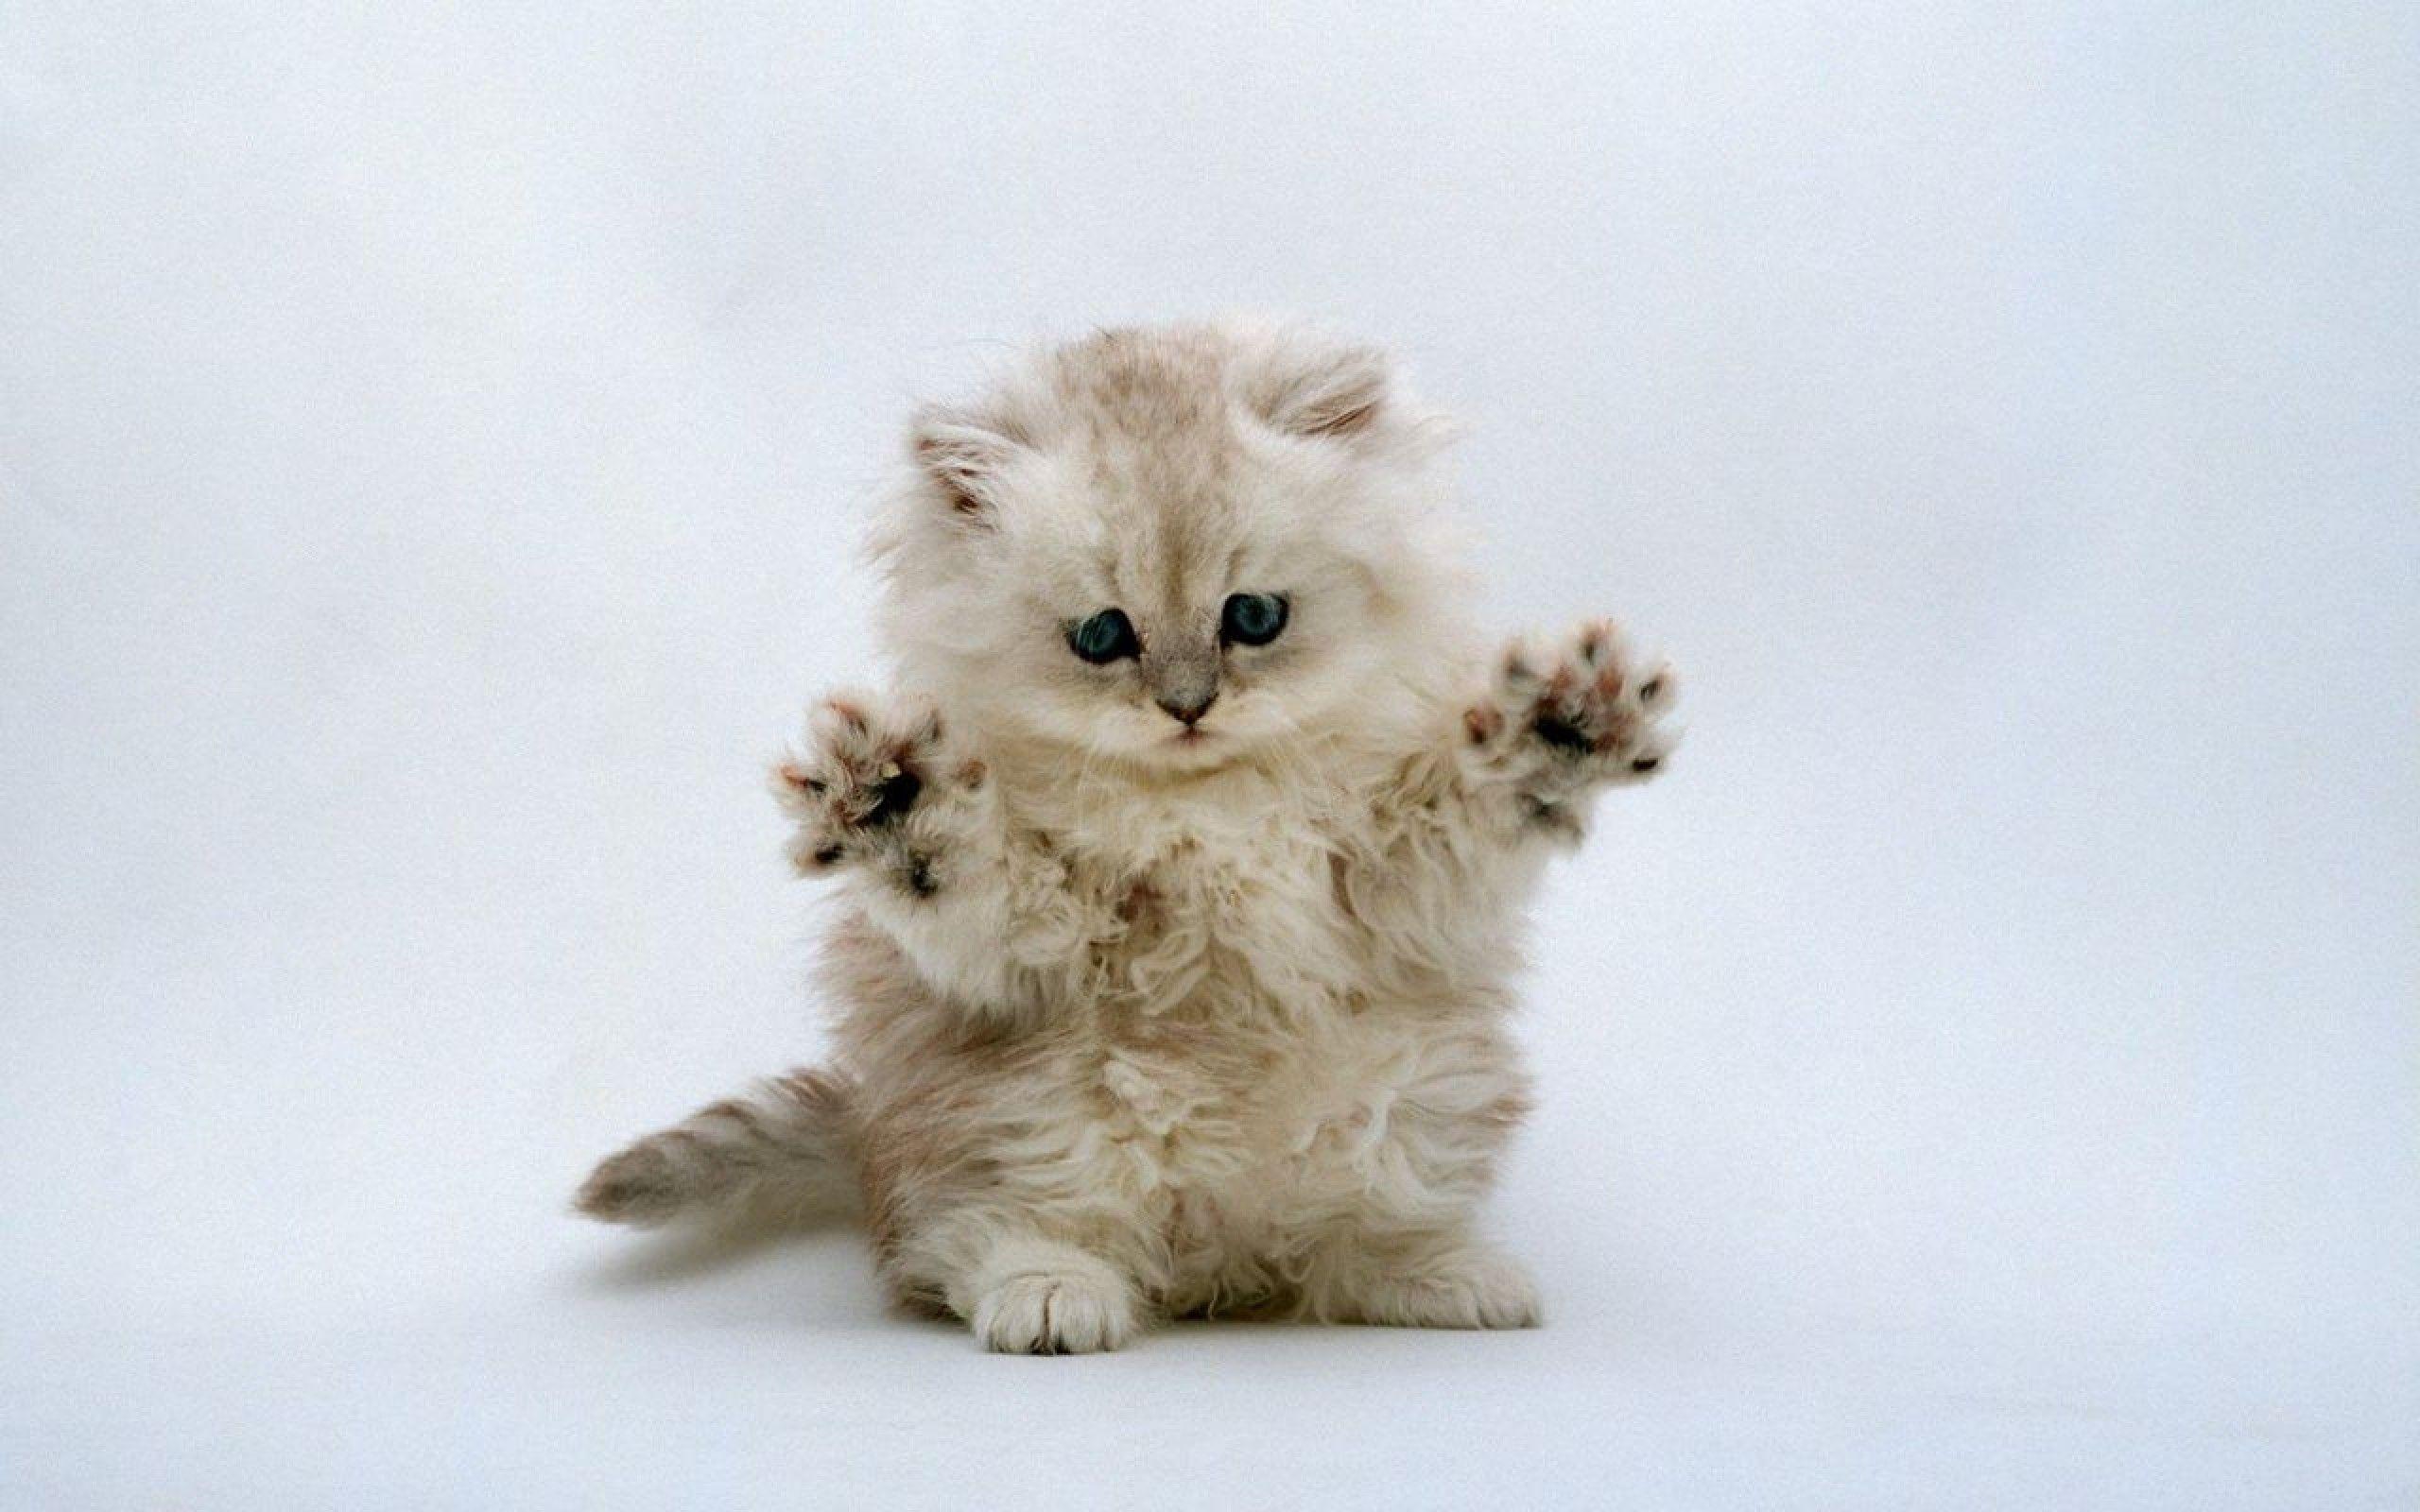 Most Downloaded Cute Kitten Wallpapers Full HD wallpaper search